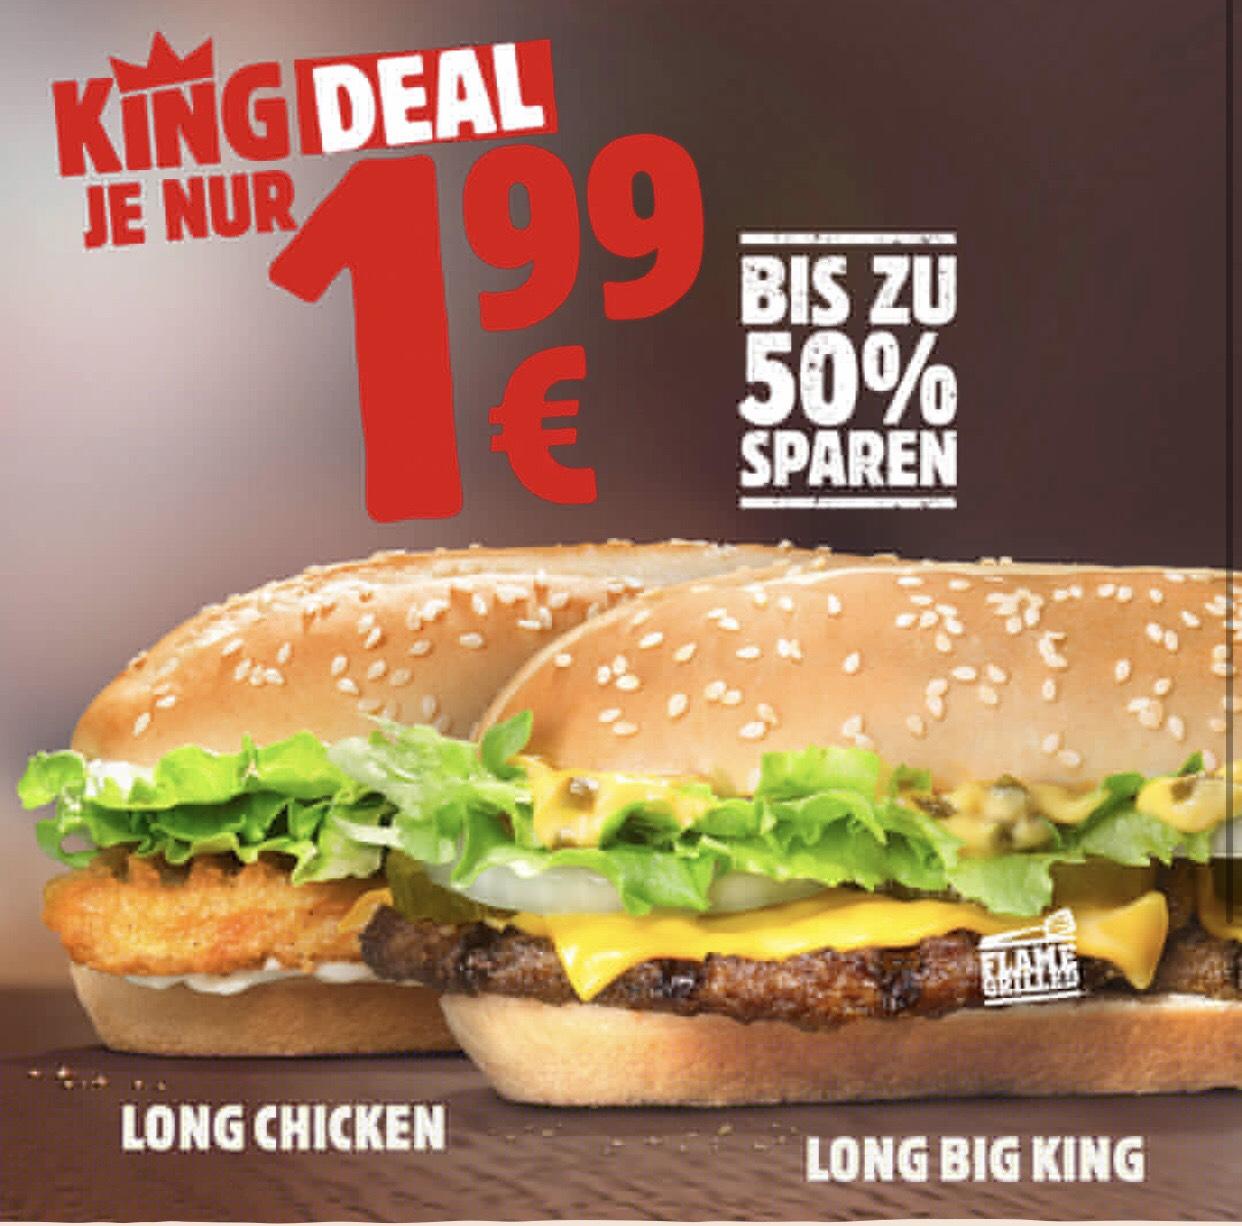 [Burger King] Long Big King und Long Chicken für je 1,99€, Chili Cheese Pommes 1,49€ und 'nen Shake für 99ct